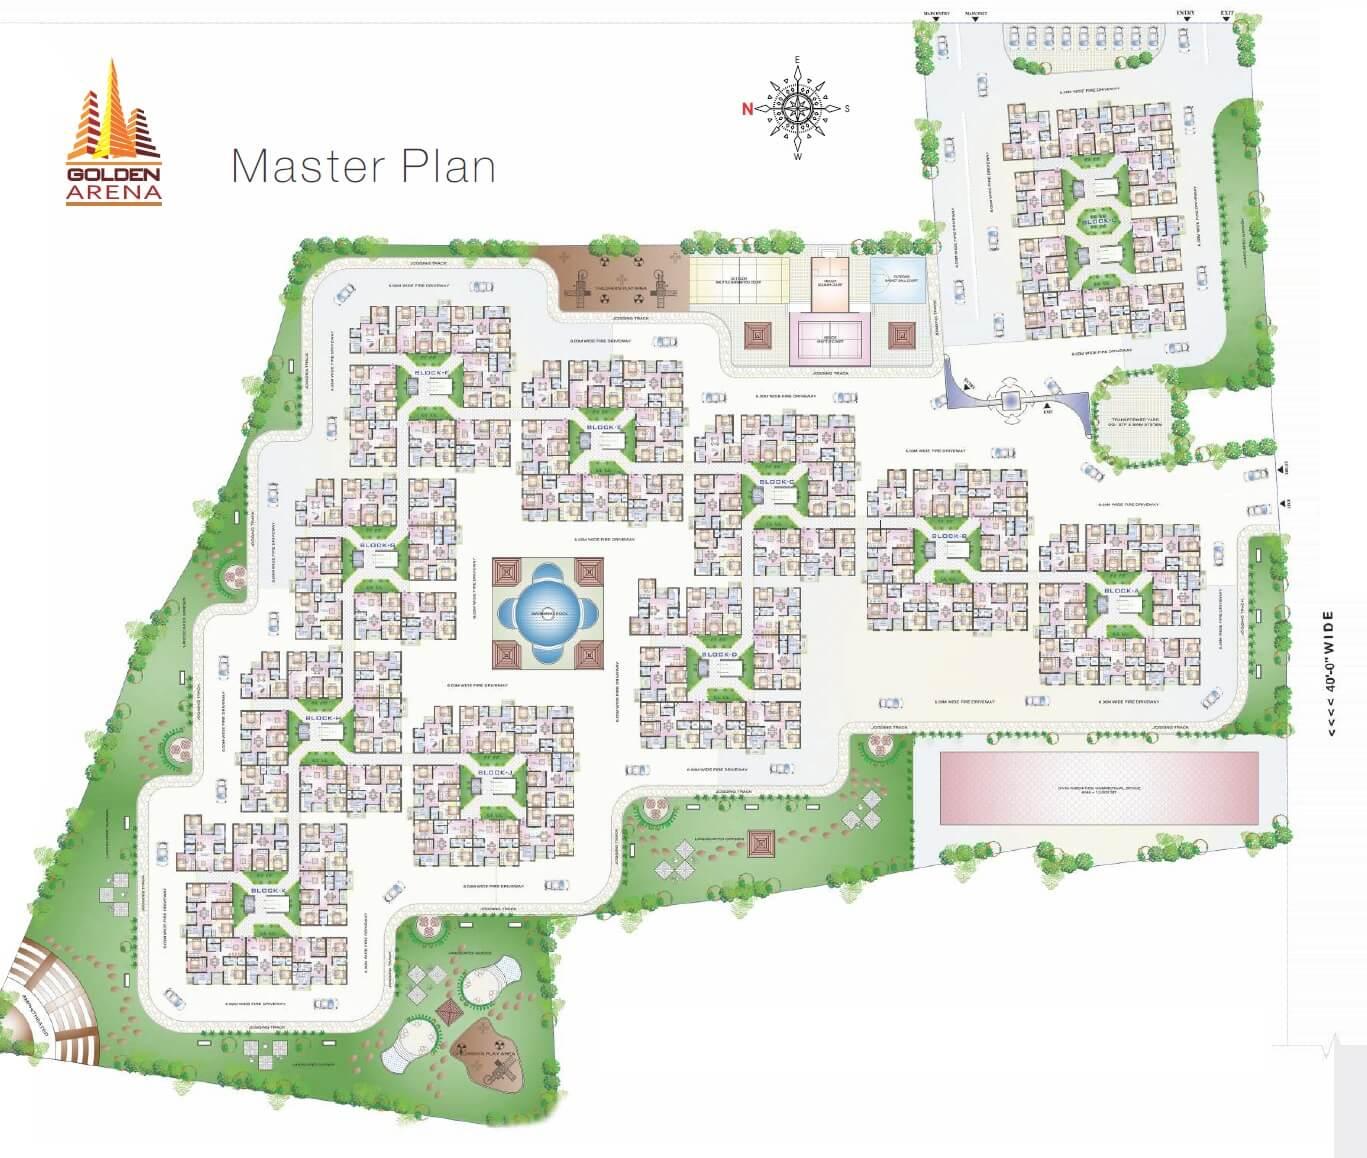 aryan golden arena master plan image1